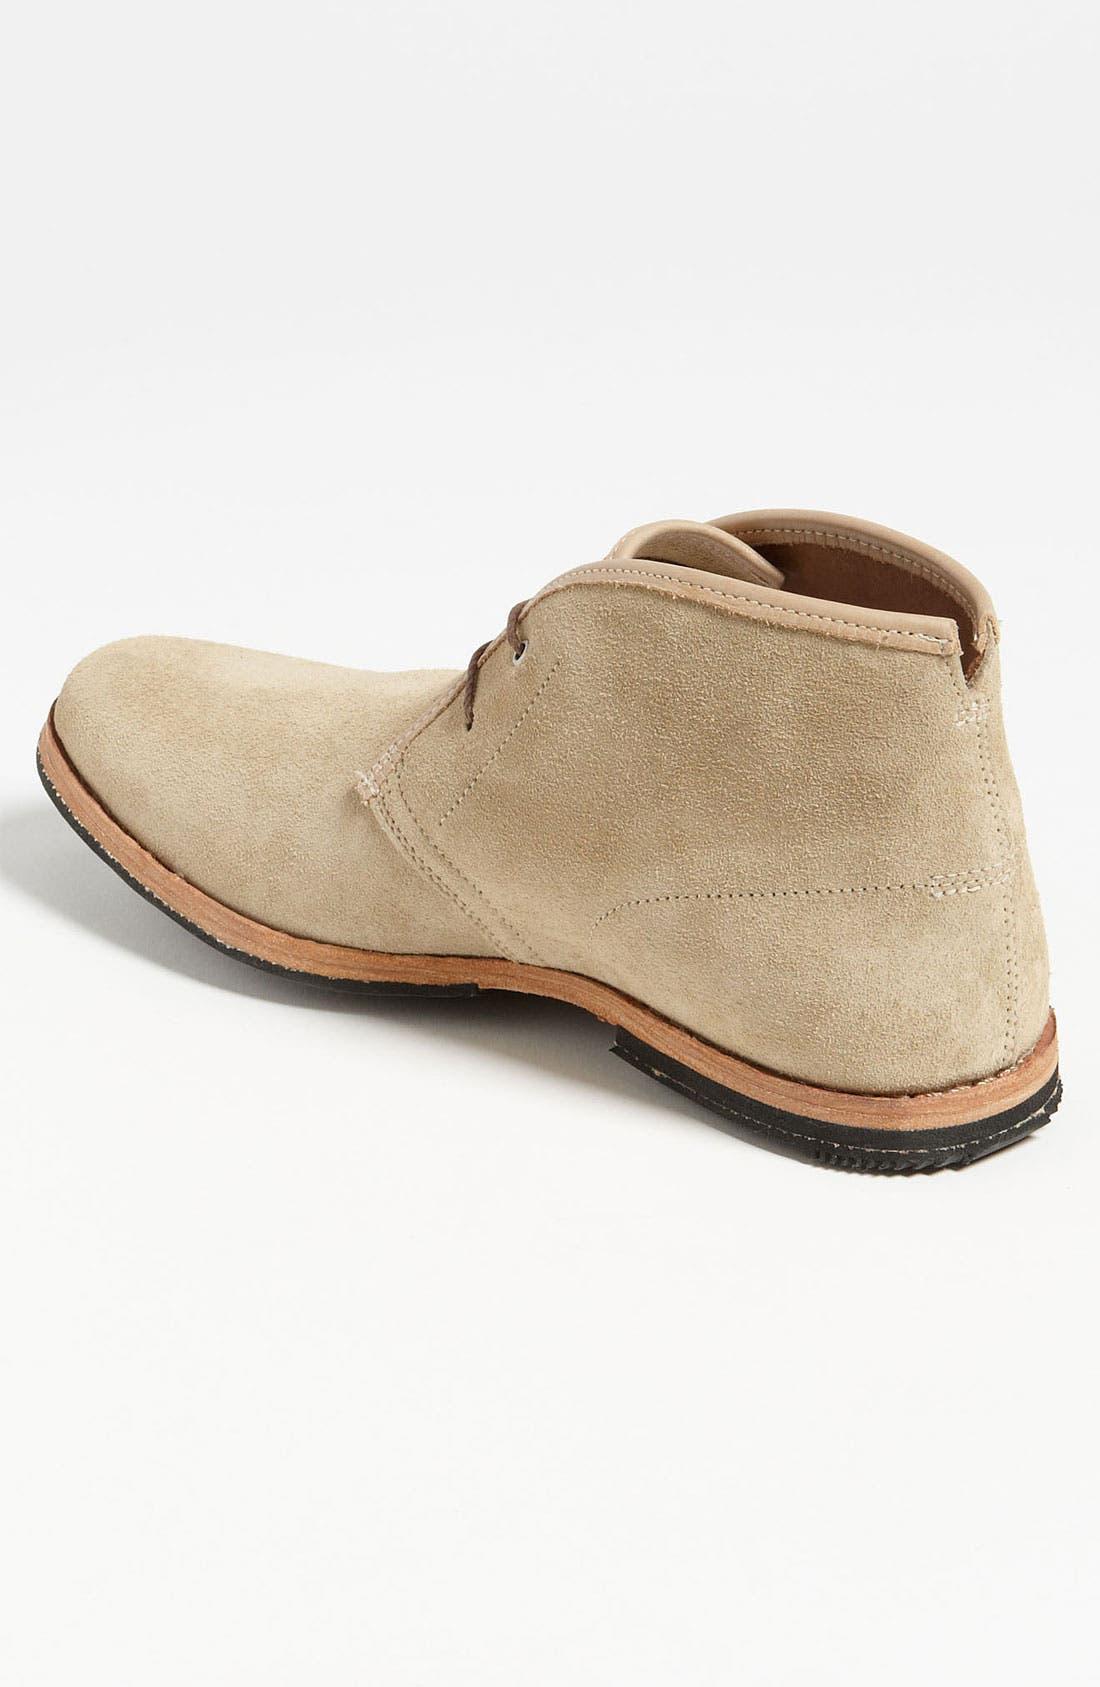 Alternate Image 2  - Timberland Boot Company 'Wodehouse' Chukka Boot